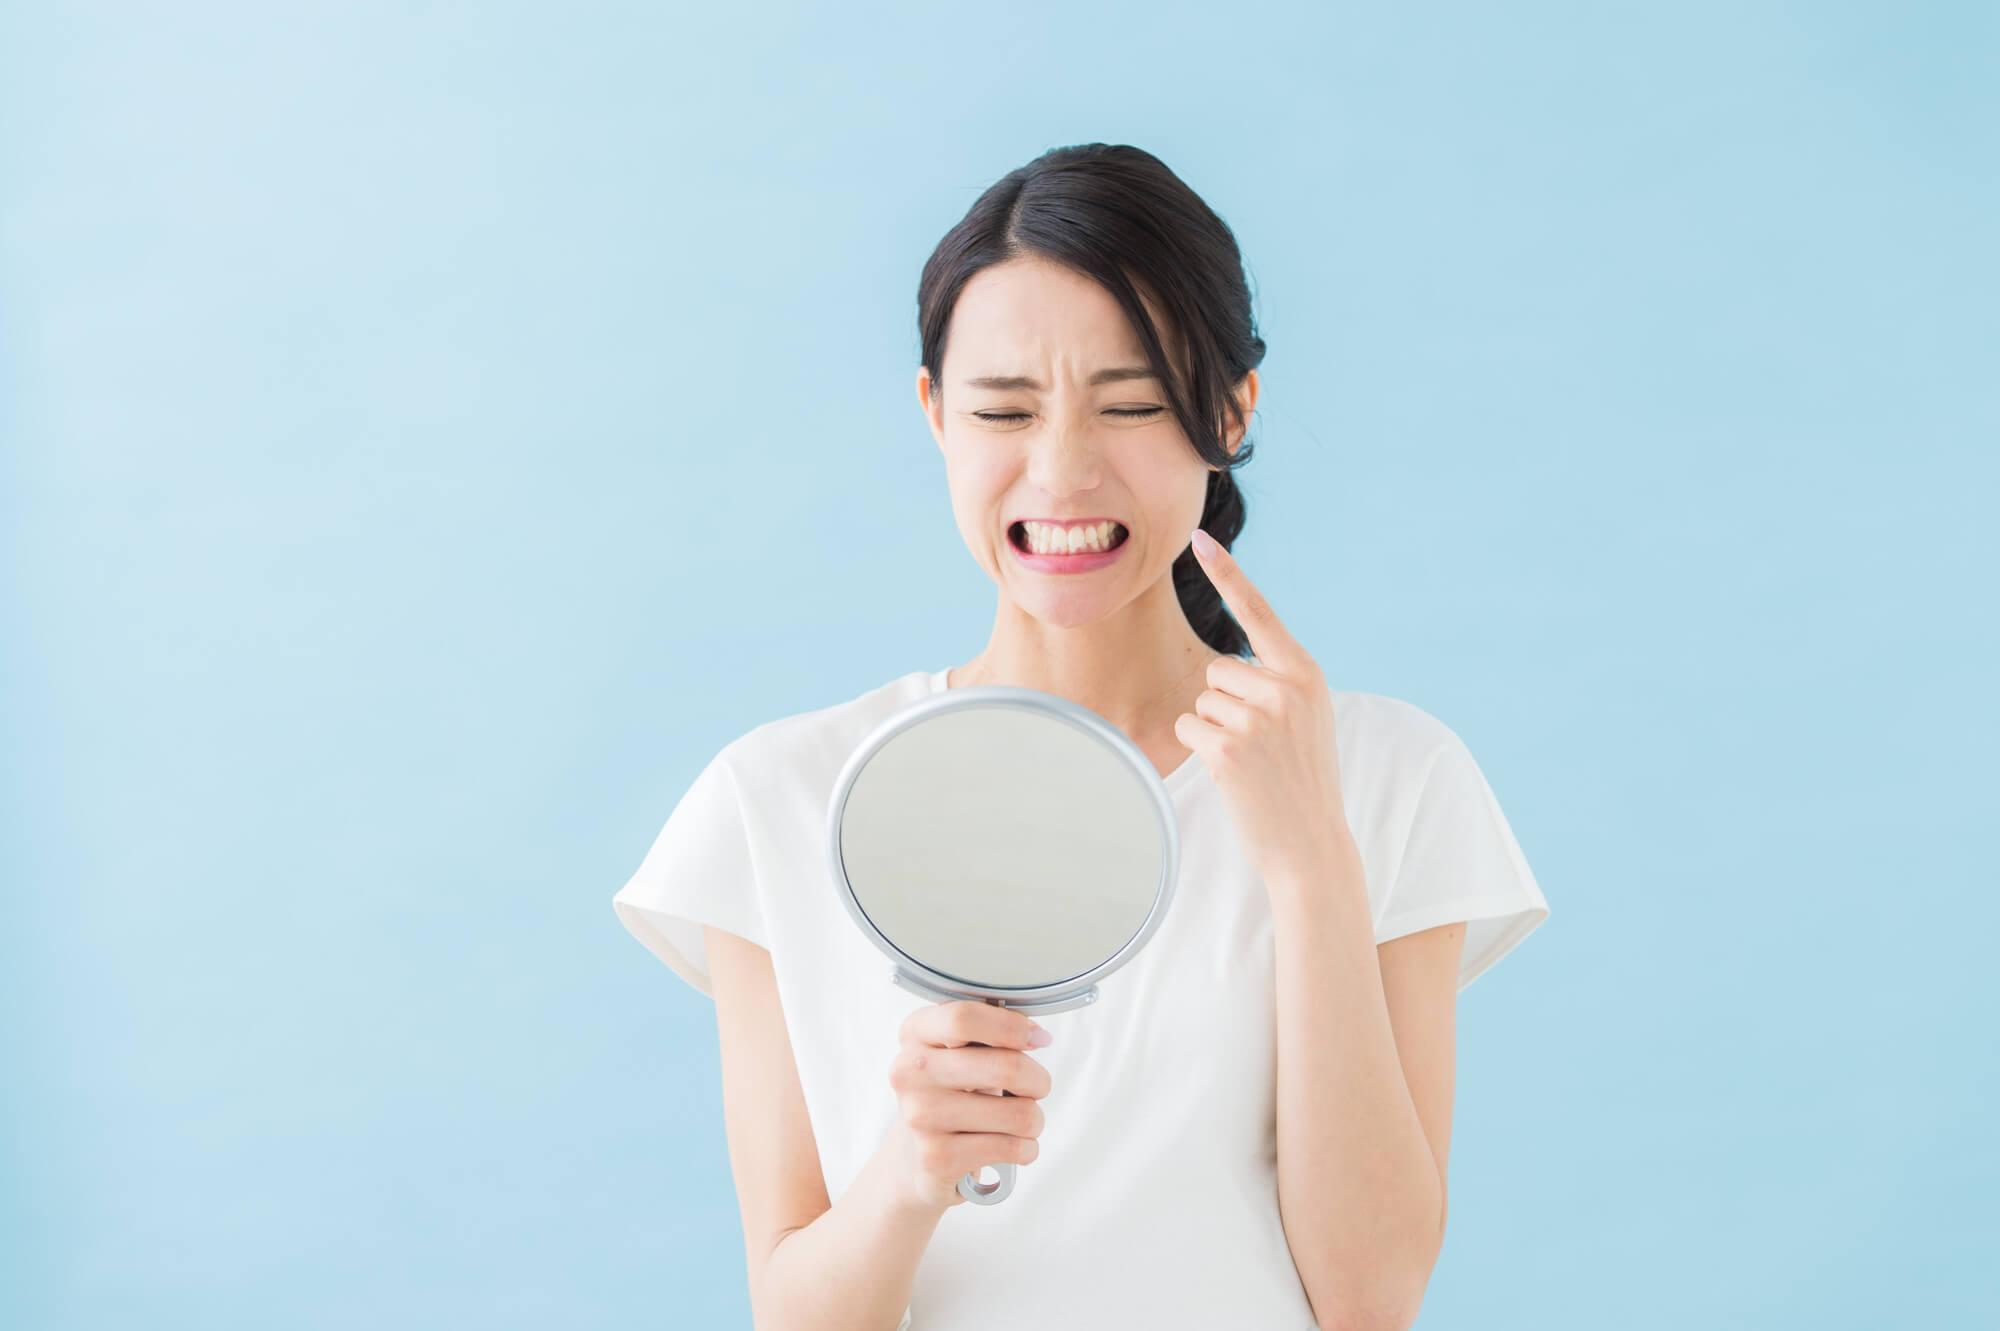 虫歯を確認する女性